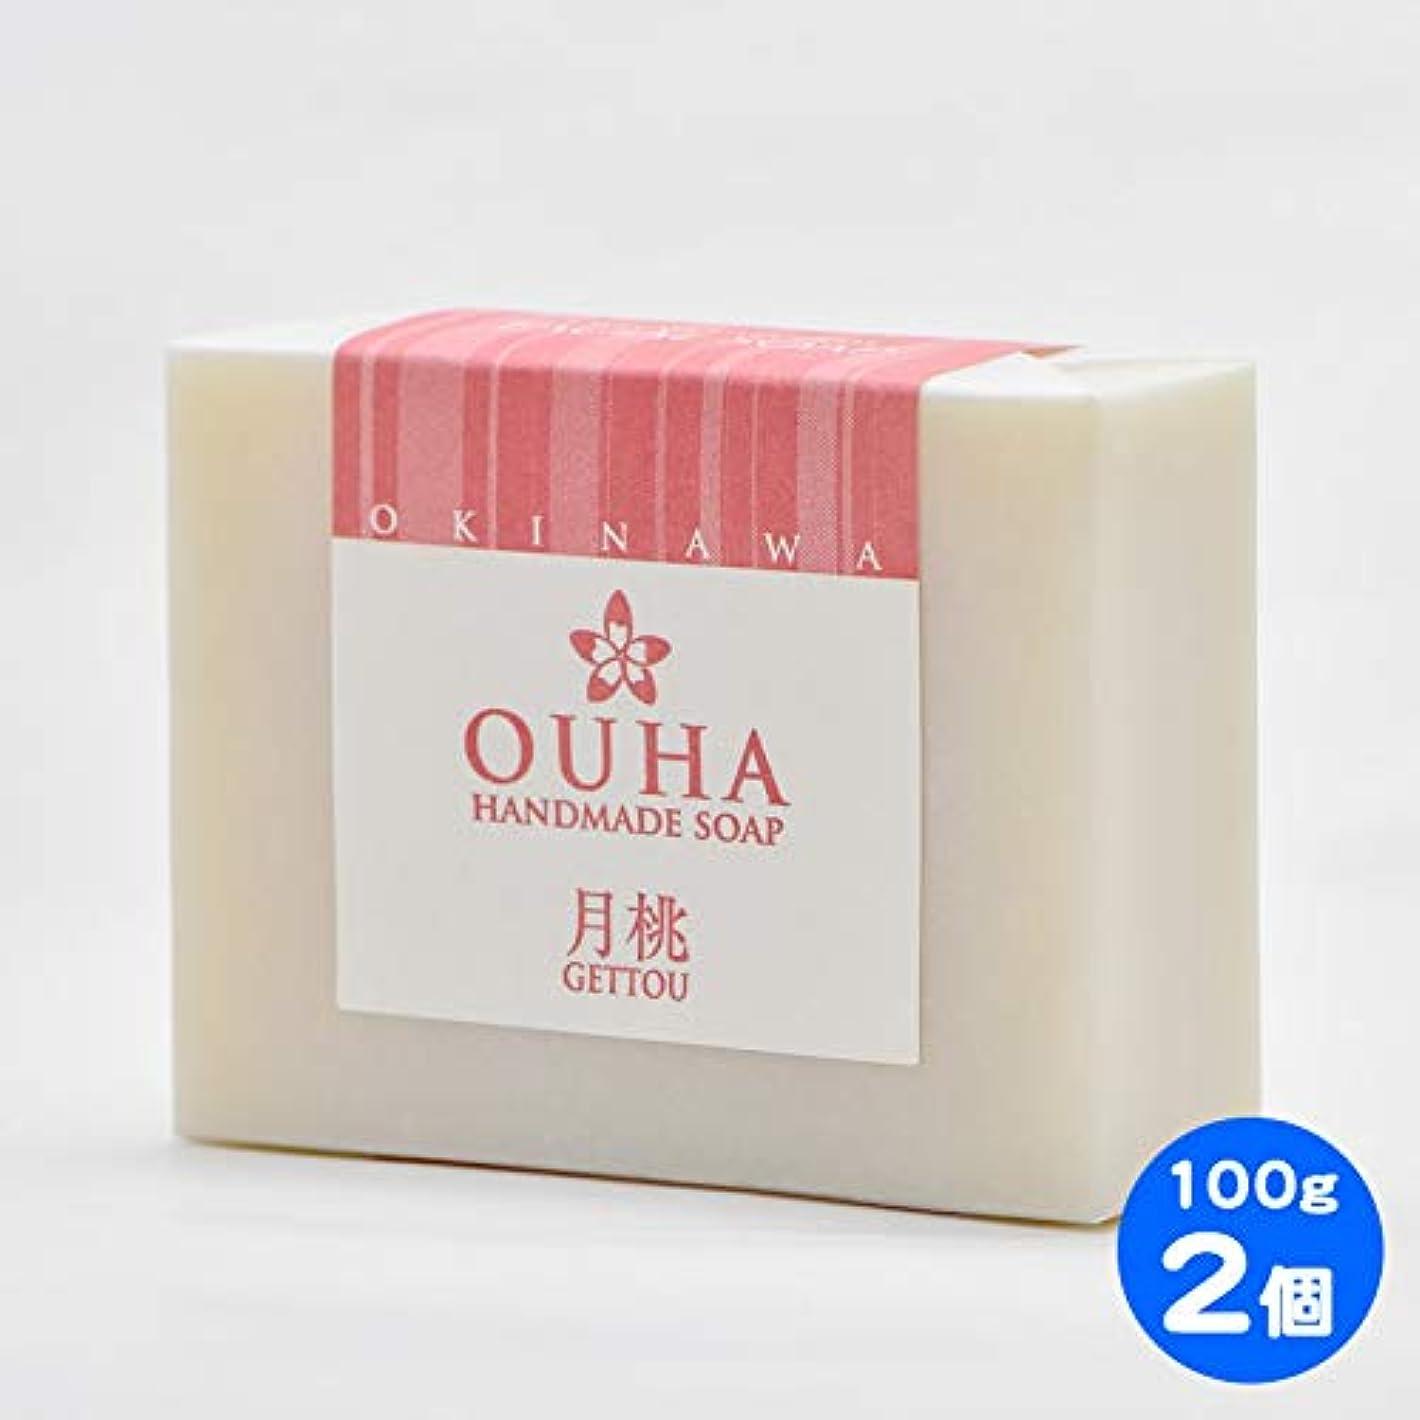 またね導体気楽な【送料無料 定形外郵便】沖縄県産 OUHAソープ 月桃 石鹸 100g 2個セット